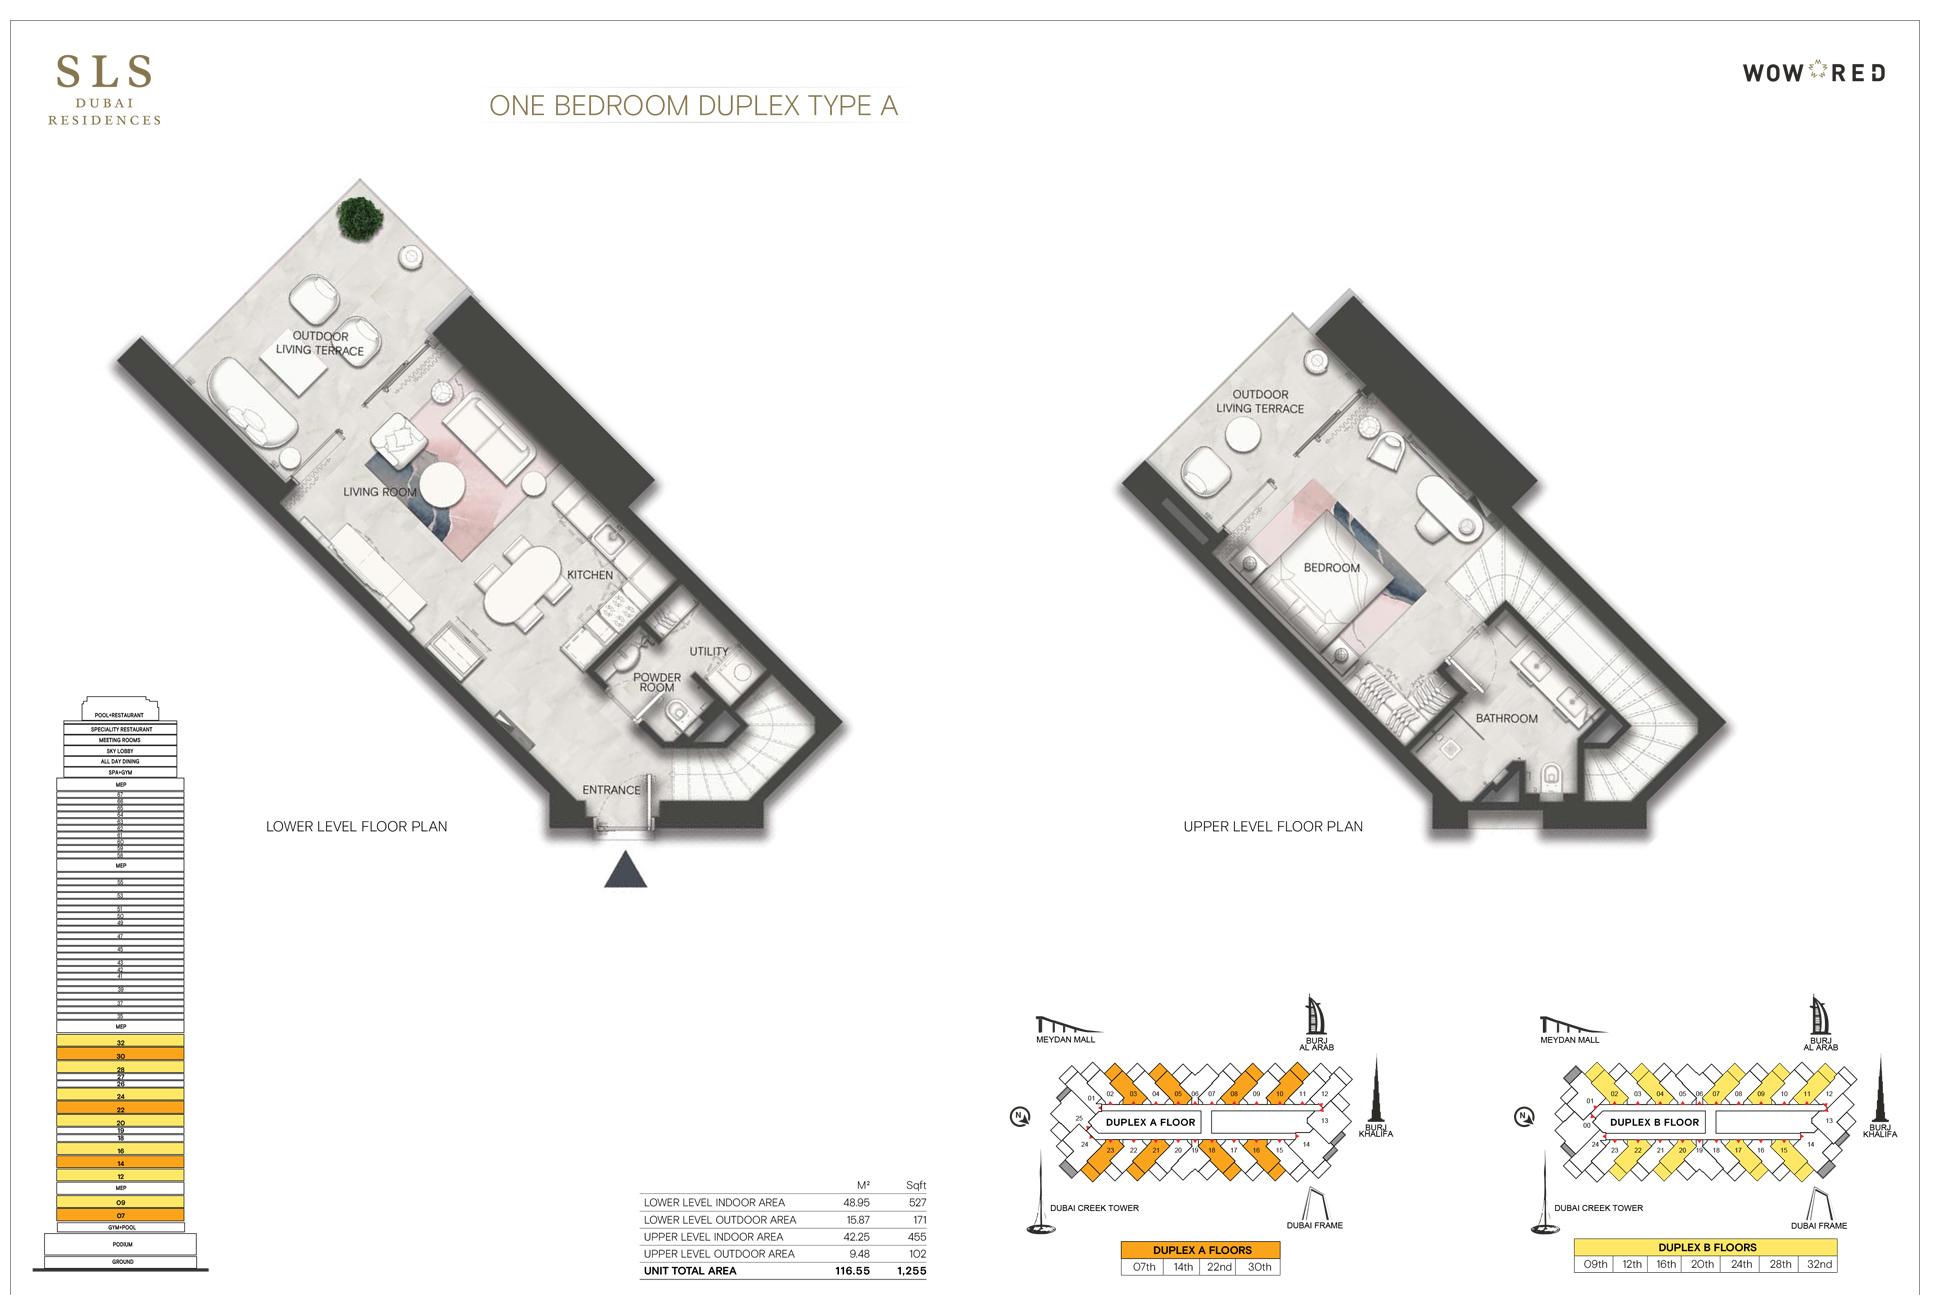 دوبلكس بغرفة نوم واحدة، نوع A،  حجم 1255 قدم مربع